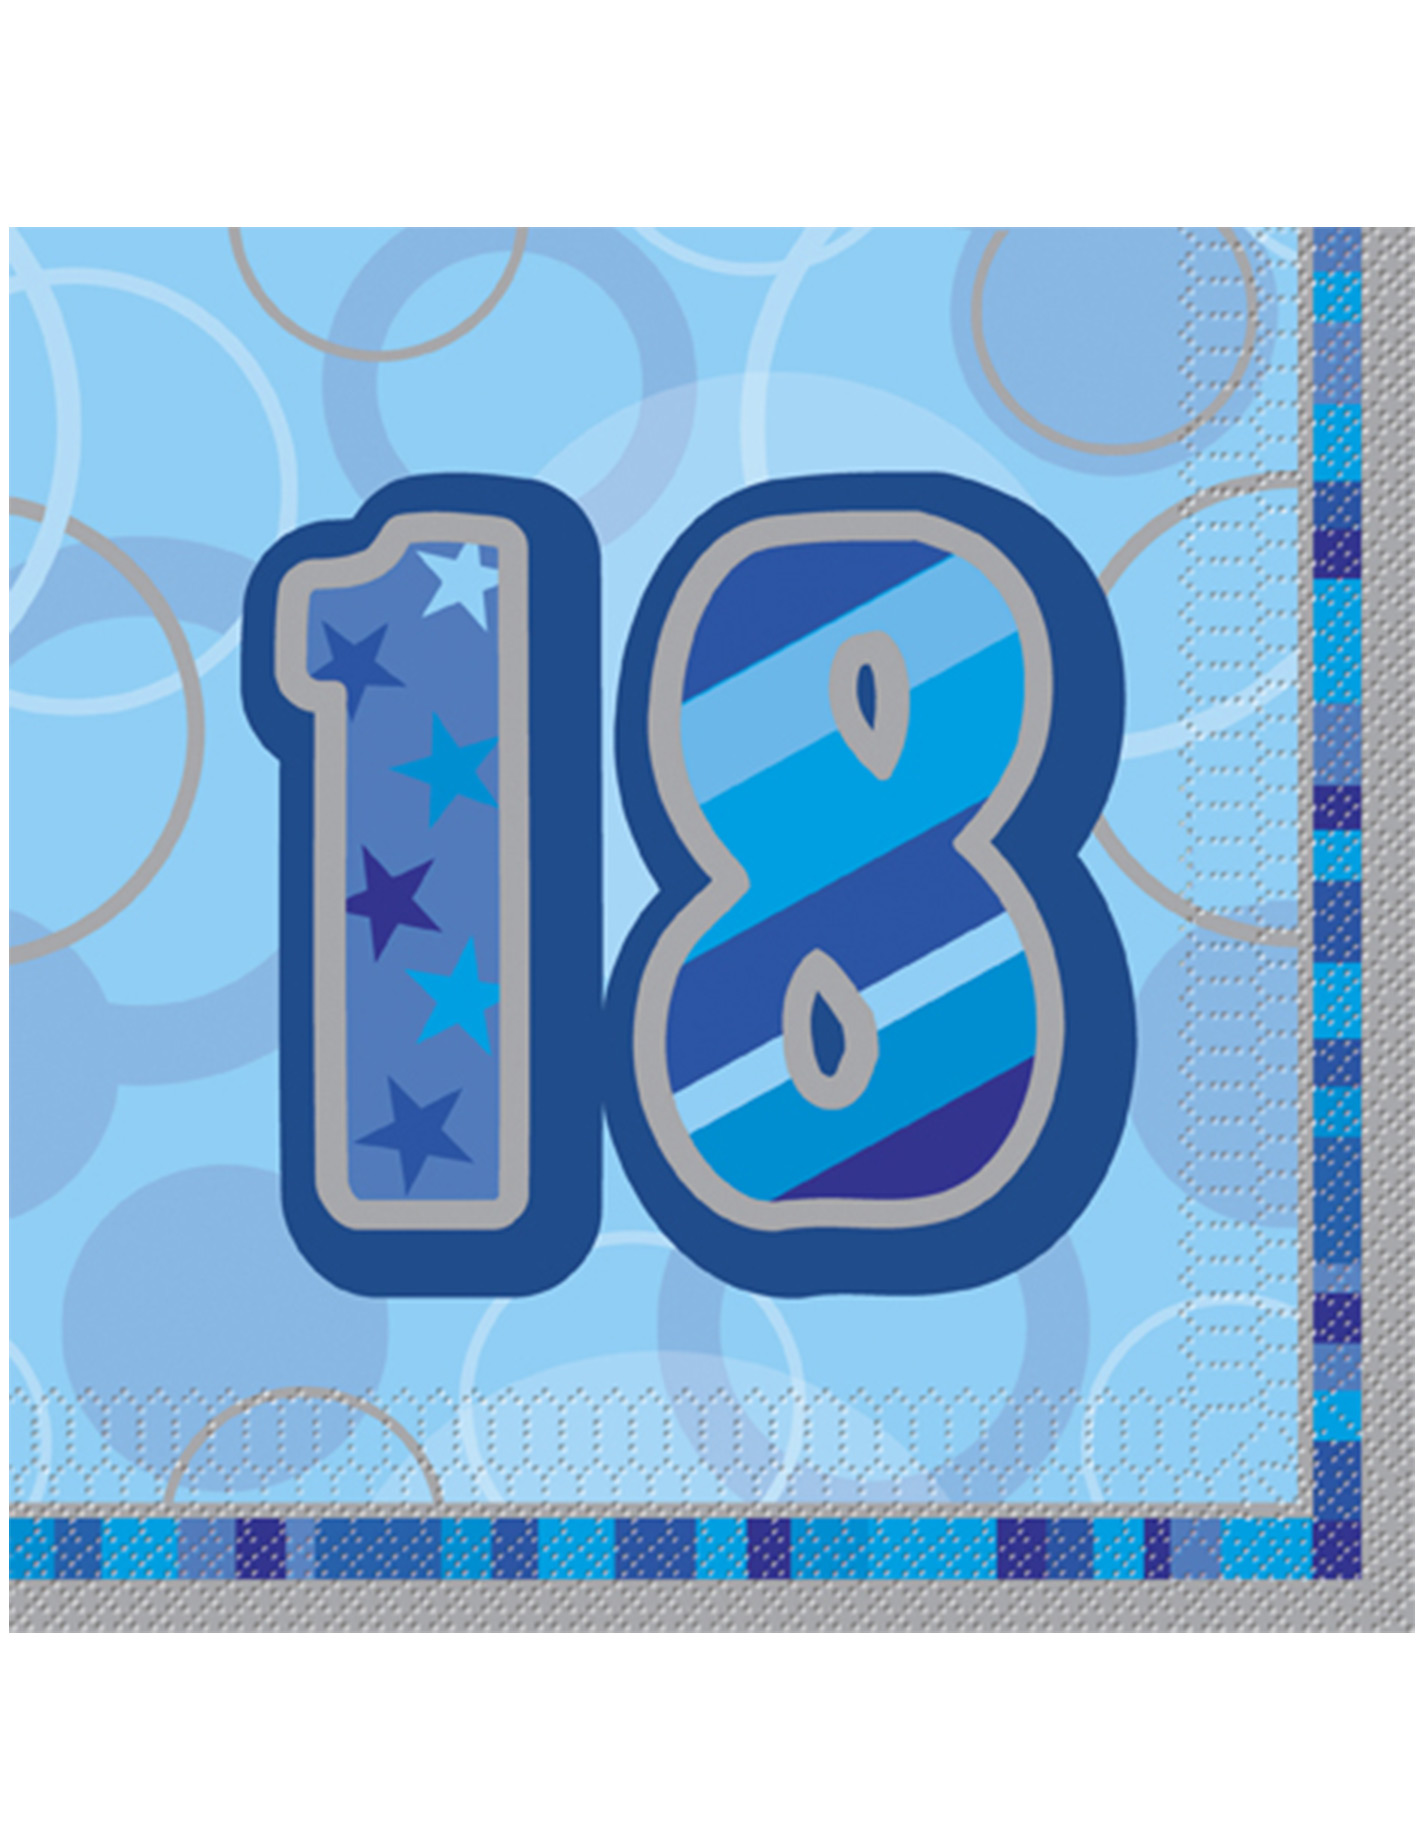 16 serviettes en papier age 18 ans bleues 33 x 33 cm d coration anniversaire et f tes th me. Black Bedroom Furniture Sets. Home Design Ideas